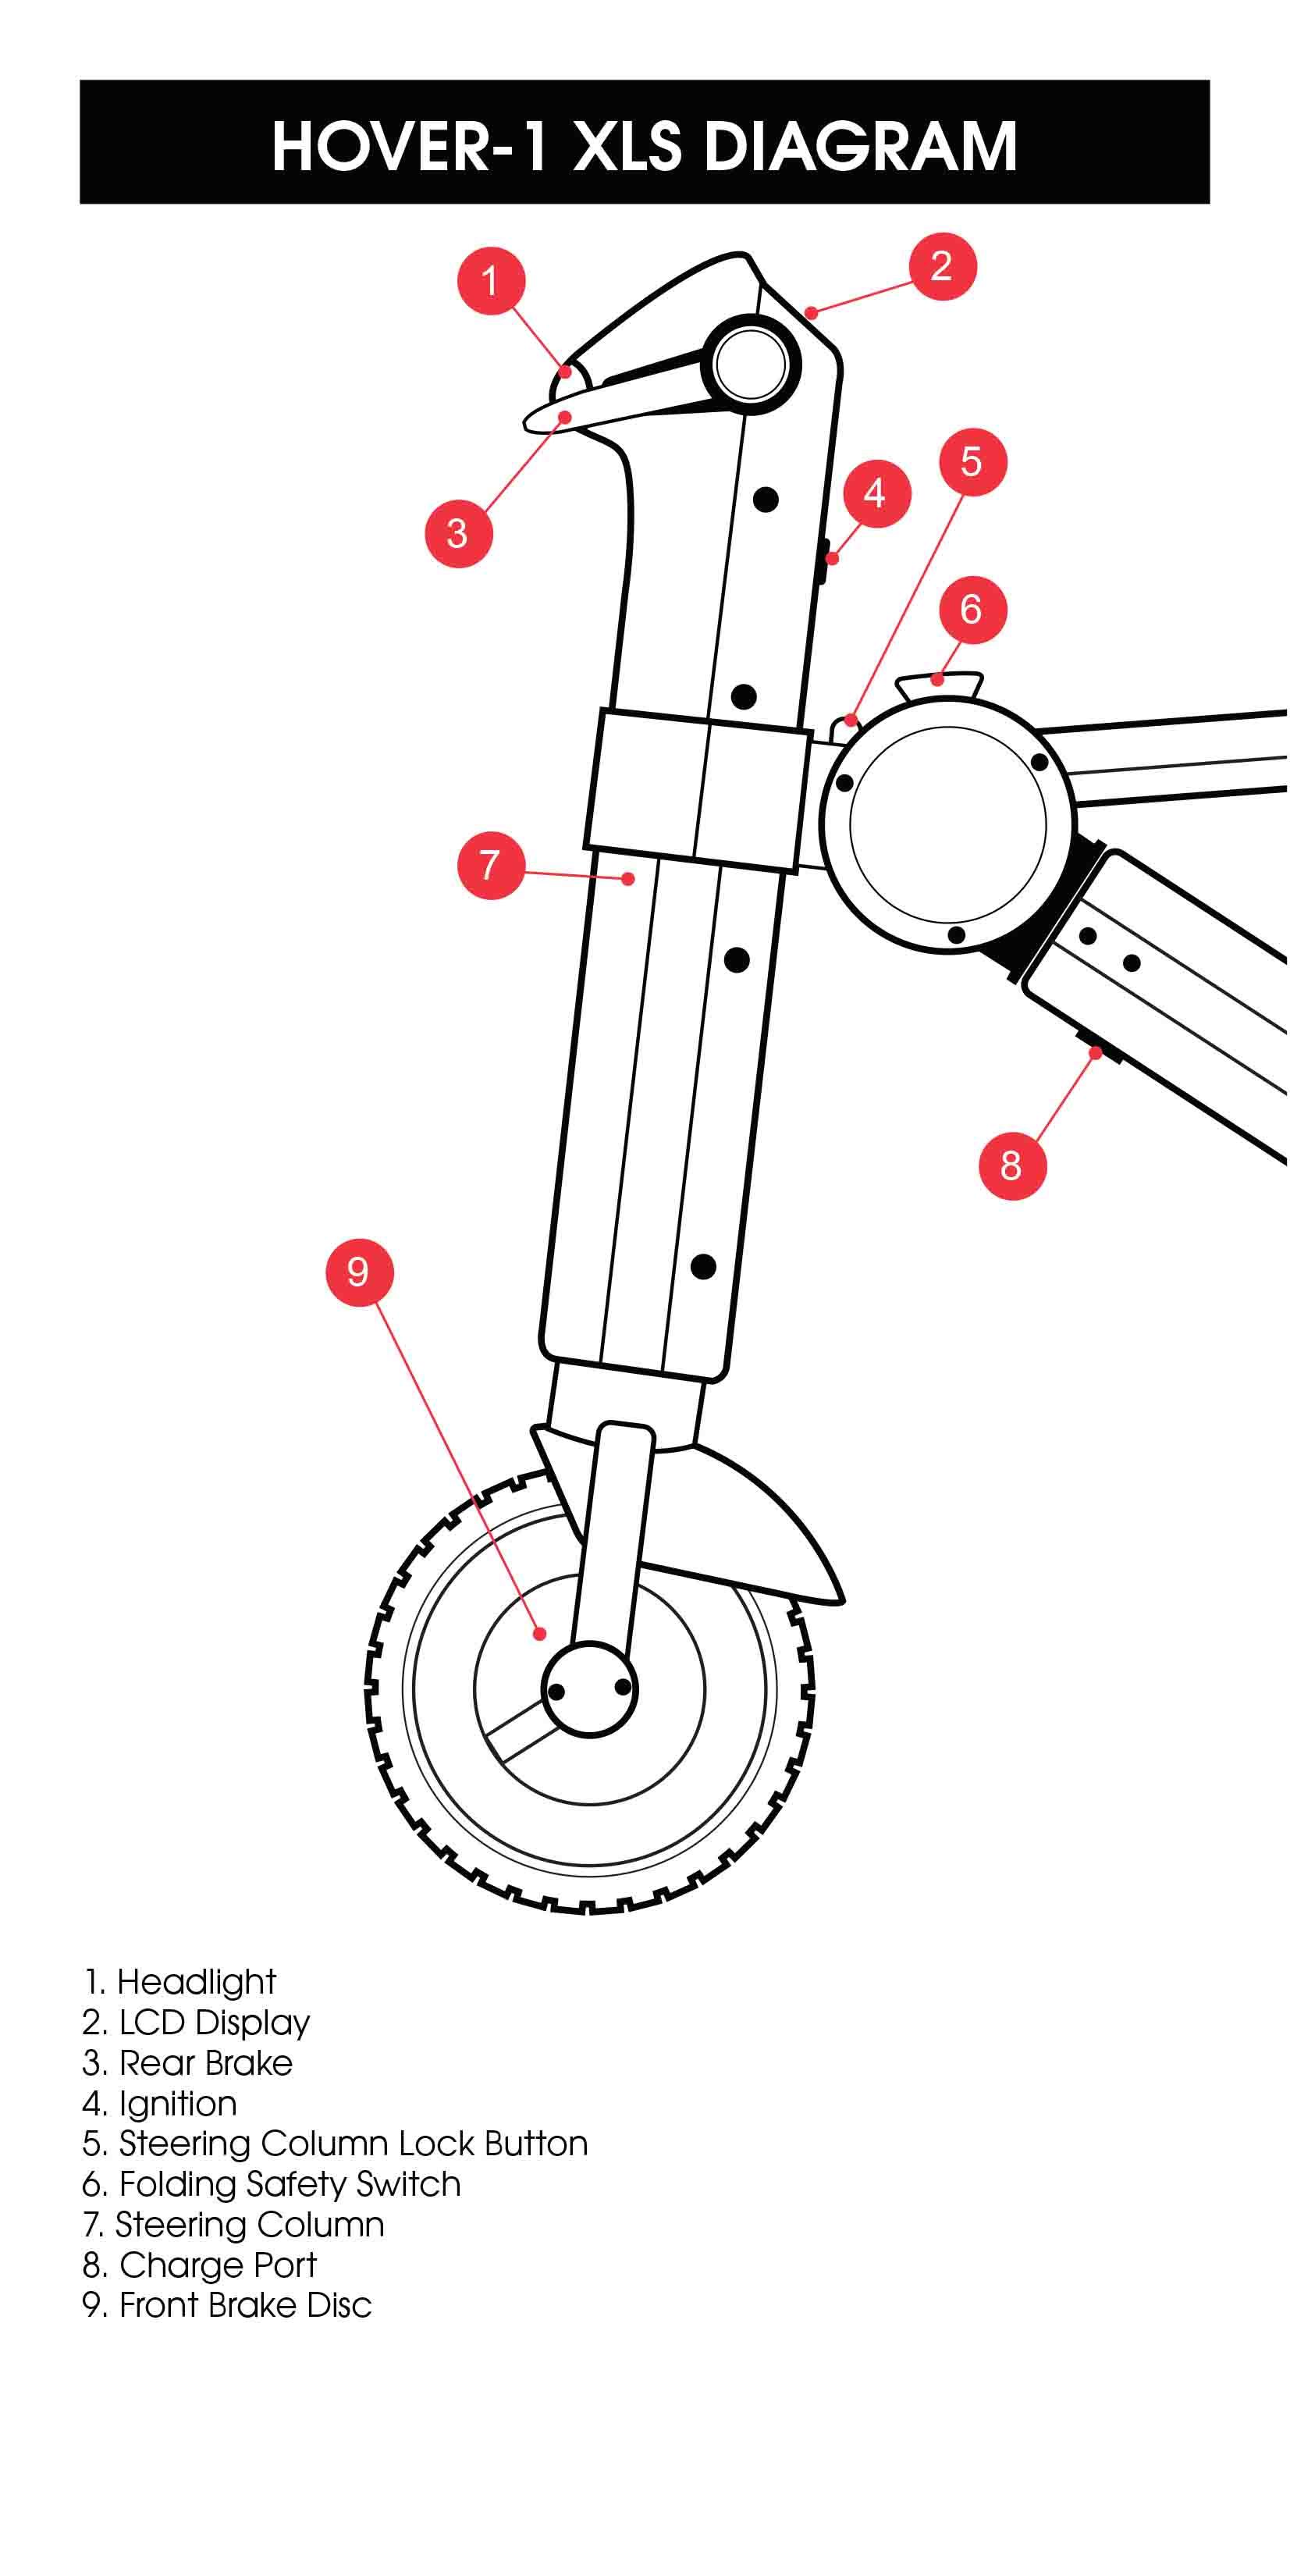 HY-HBKE-Manual-09132016 7.jpg